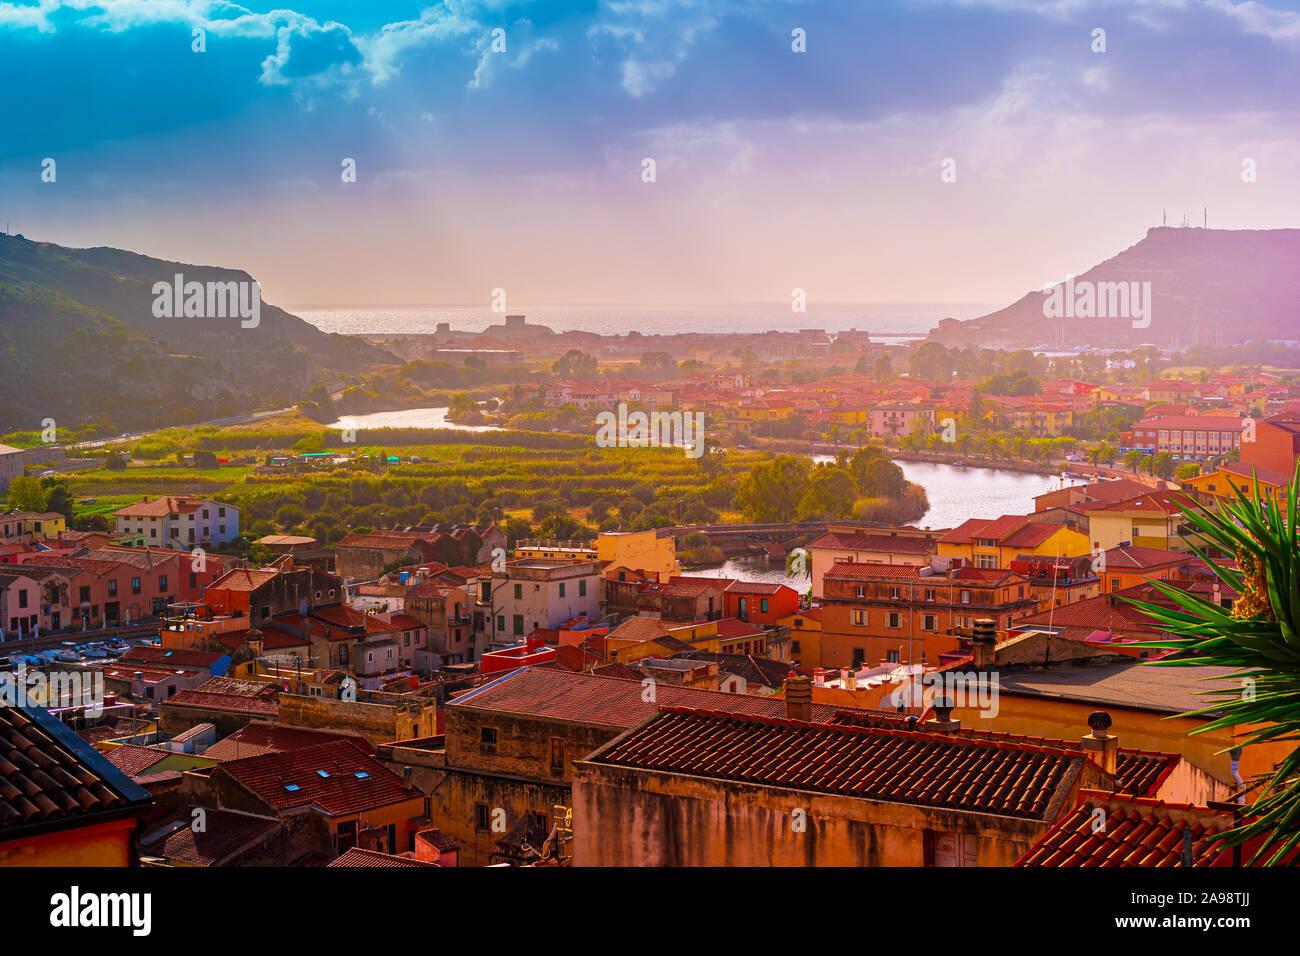 Vue de dessus sur la ville Bosa de maisons aux toits rouges, des montagnes avec des arbres verts et la rivière Temo qui se jettent dans la mer Méditerranée. Location e Banque D'Images